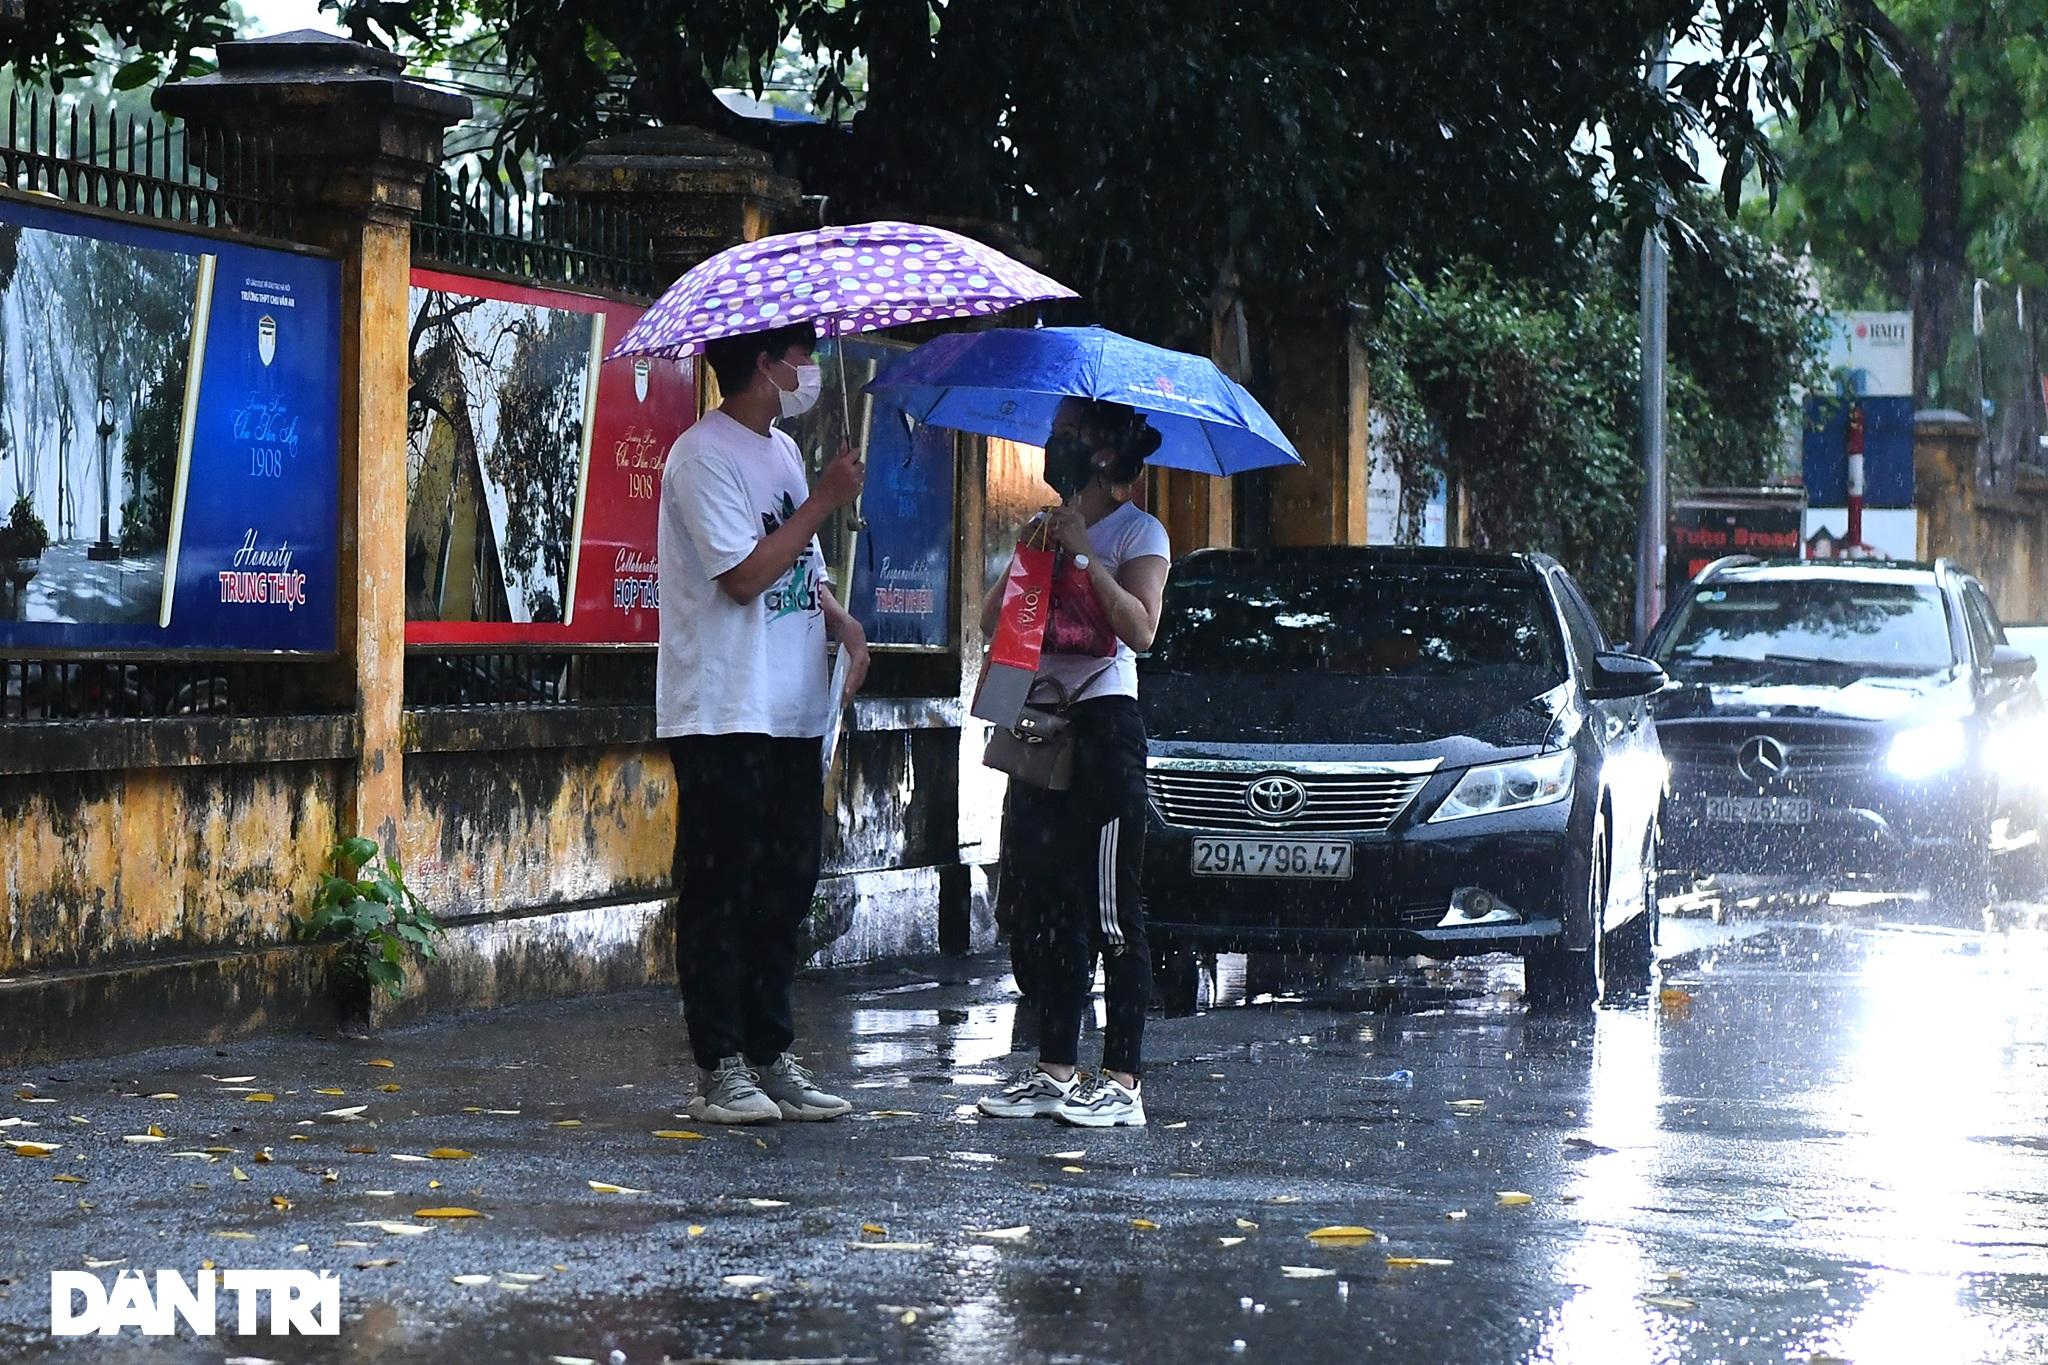 Điểm nhấn kỳ thi lớp 10 Hà Nội: Sĩ tử đội mưa và những cái ôm xúc động - 4